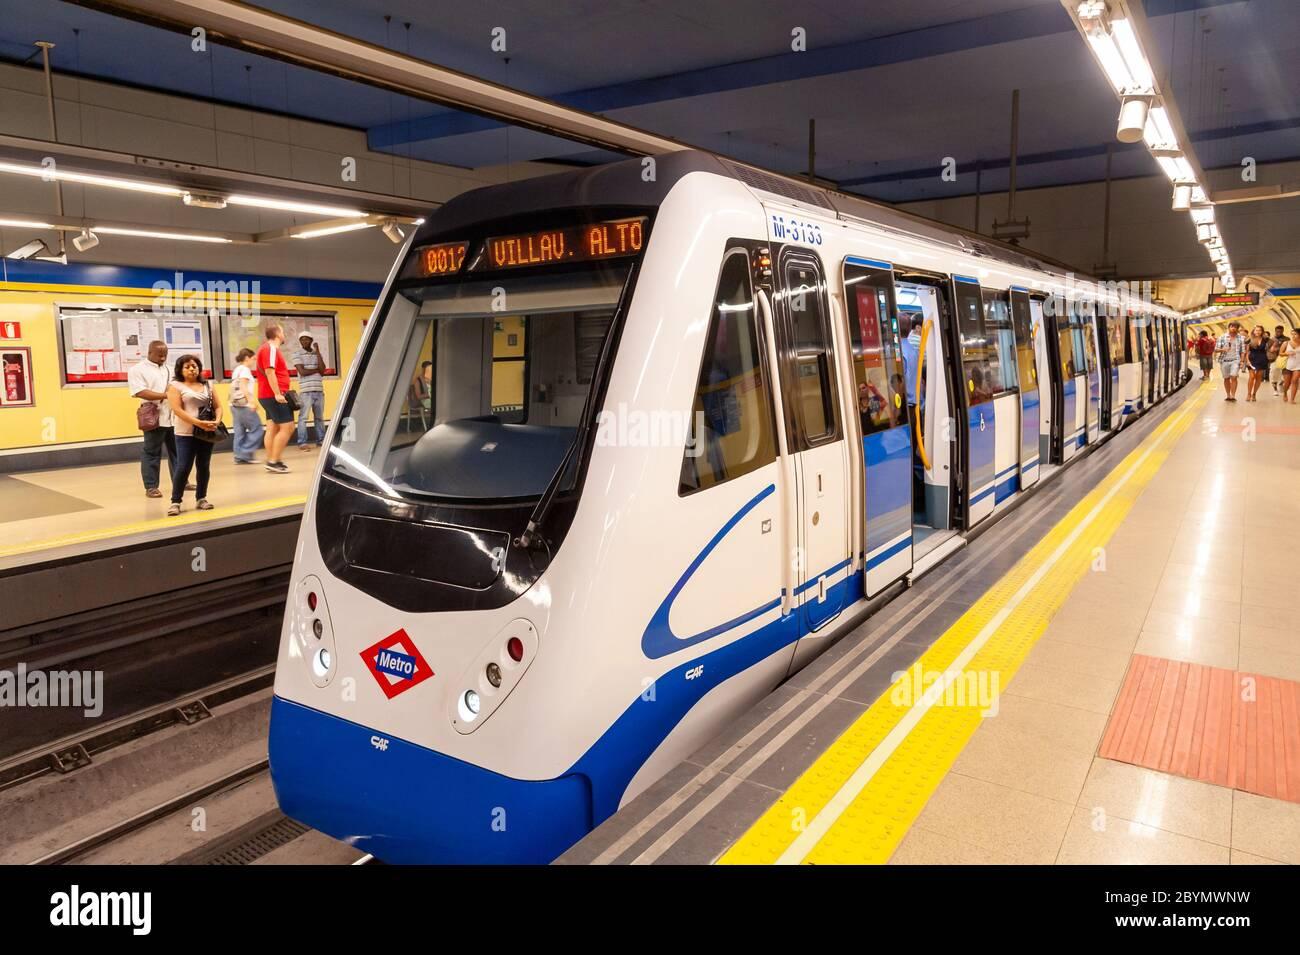 Train à la plate-forme de la station de métro, Madrid, Espagne Banque D'Images